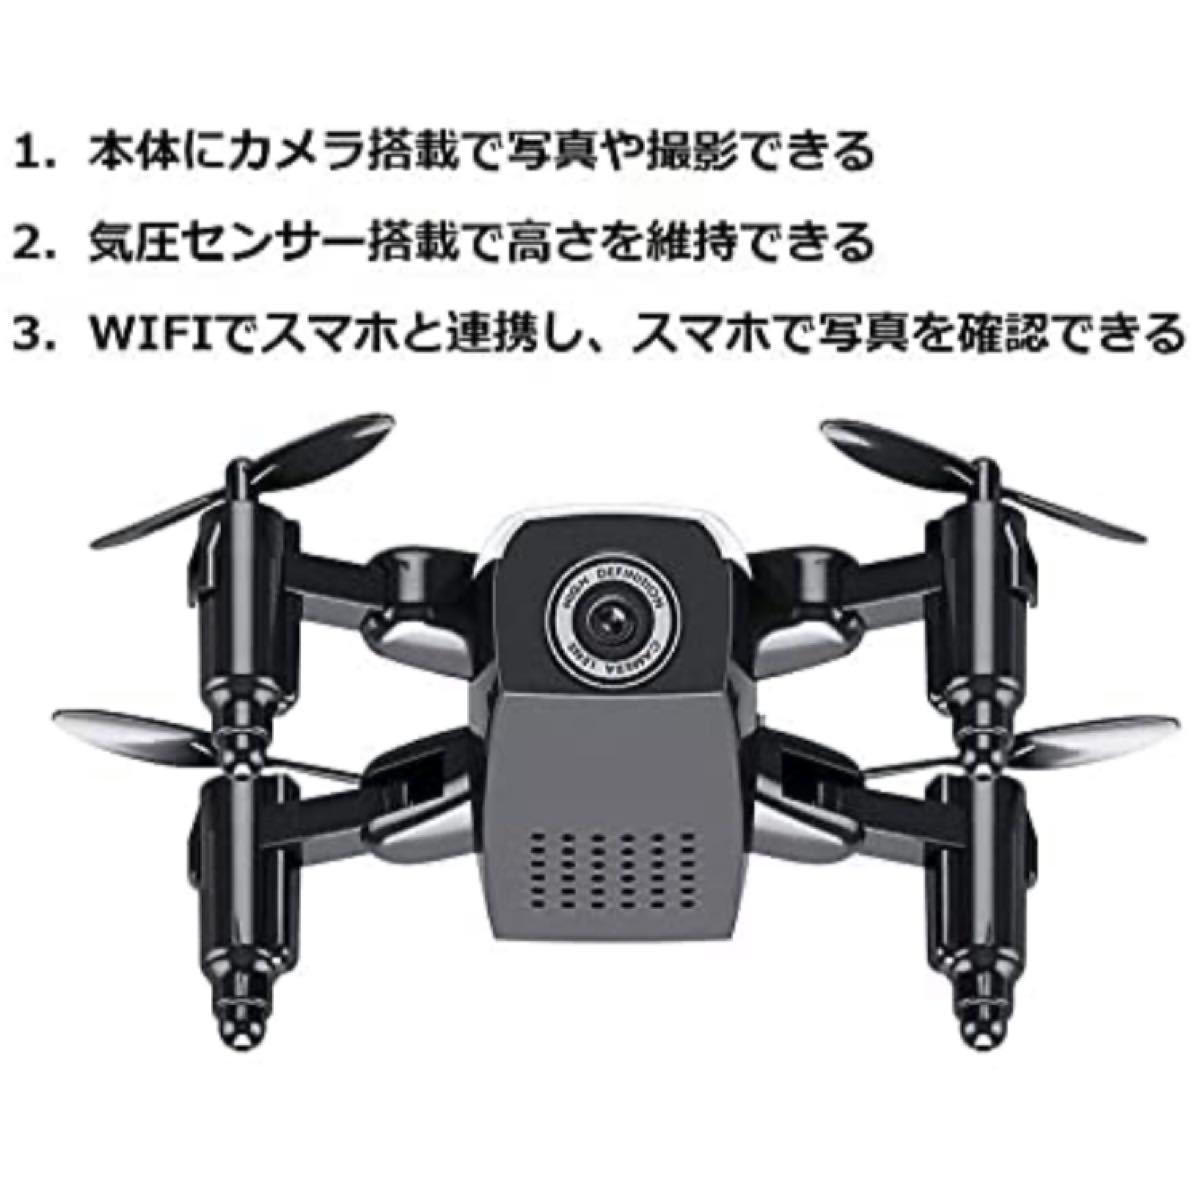 免許なしOK ドローン 小型 初心者向け 子供 カメラ付き200g以下 スマホ操作 航空法規制外 ミニドローン スマホ 入門機